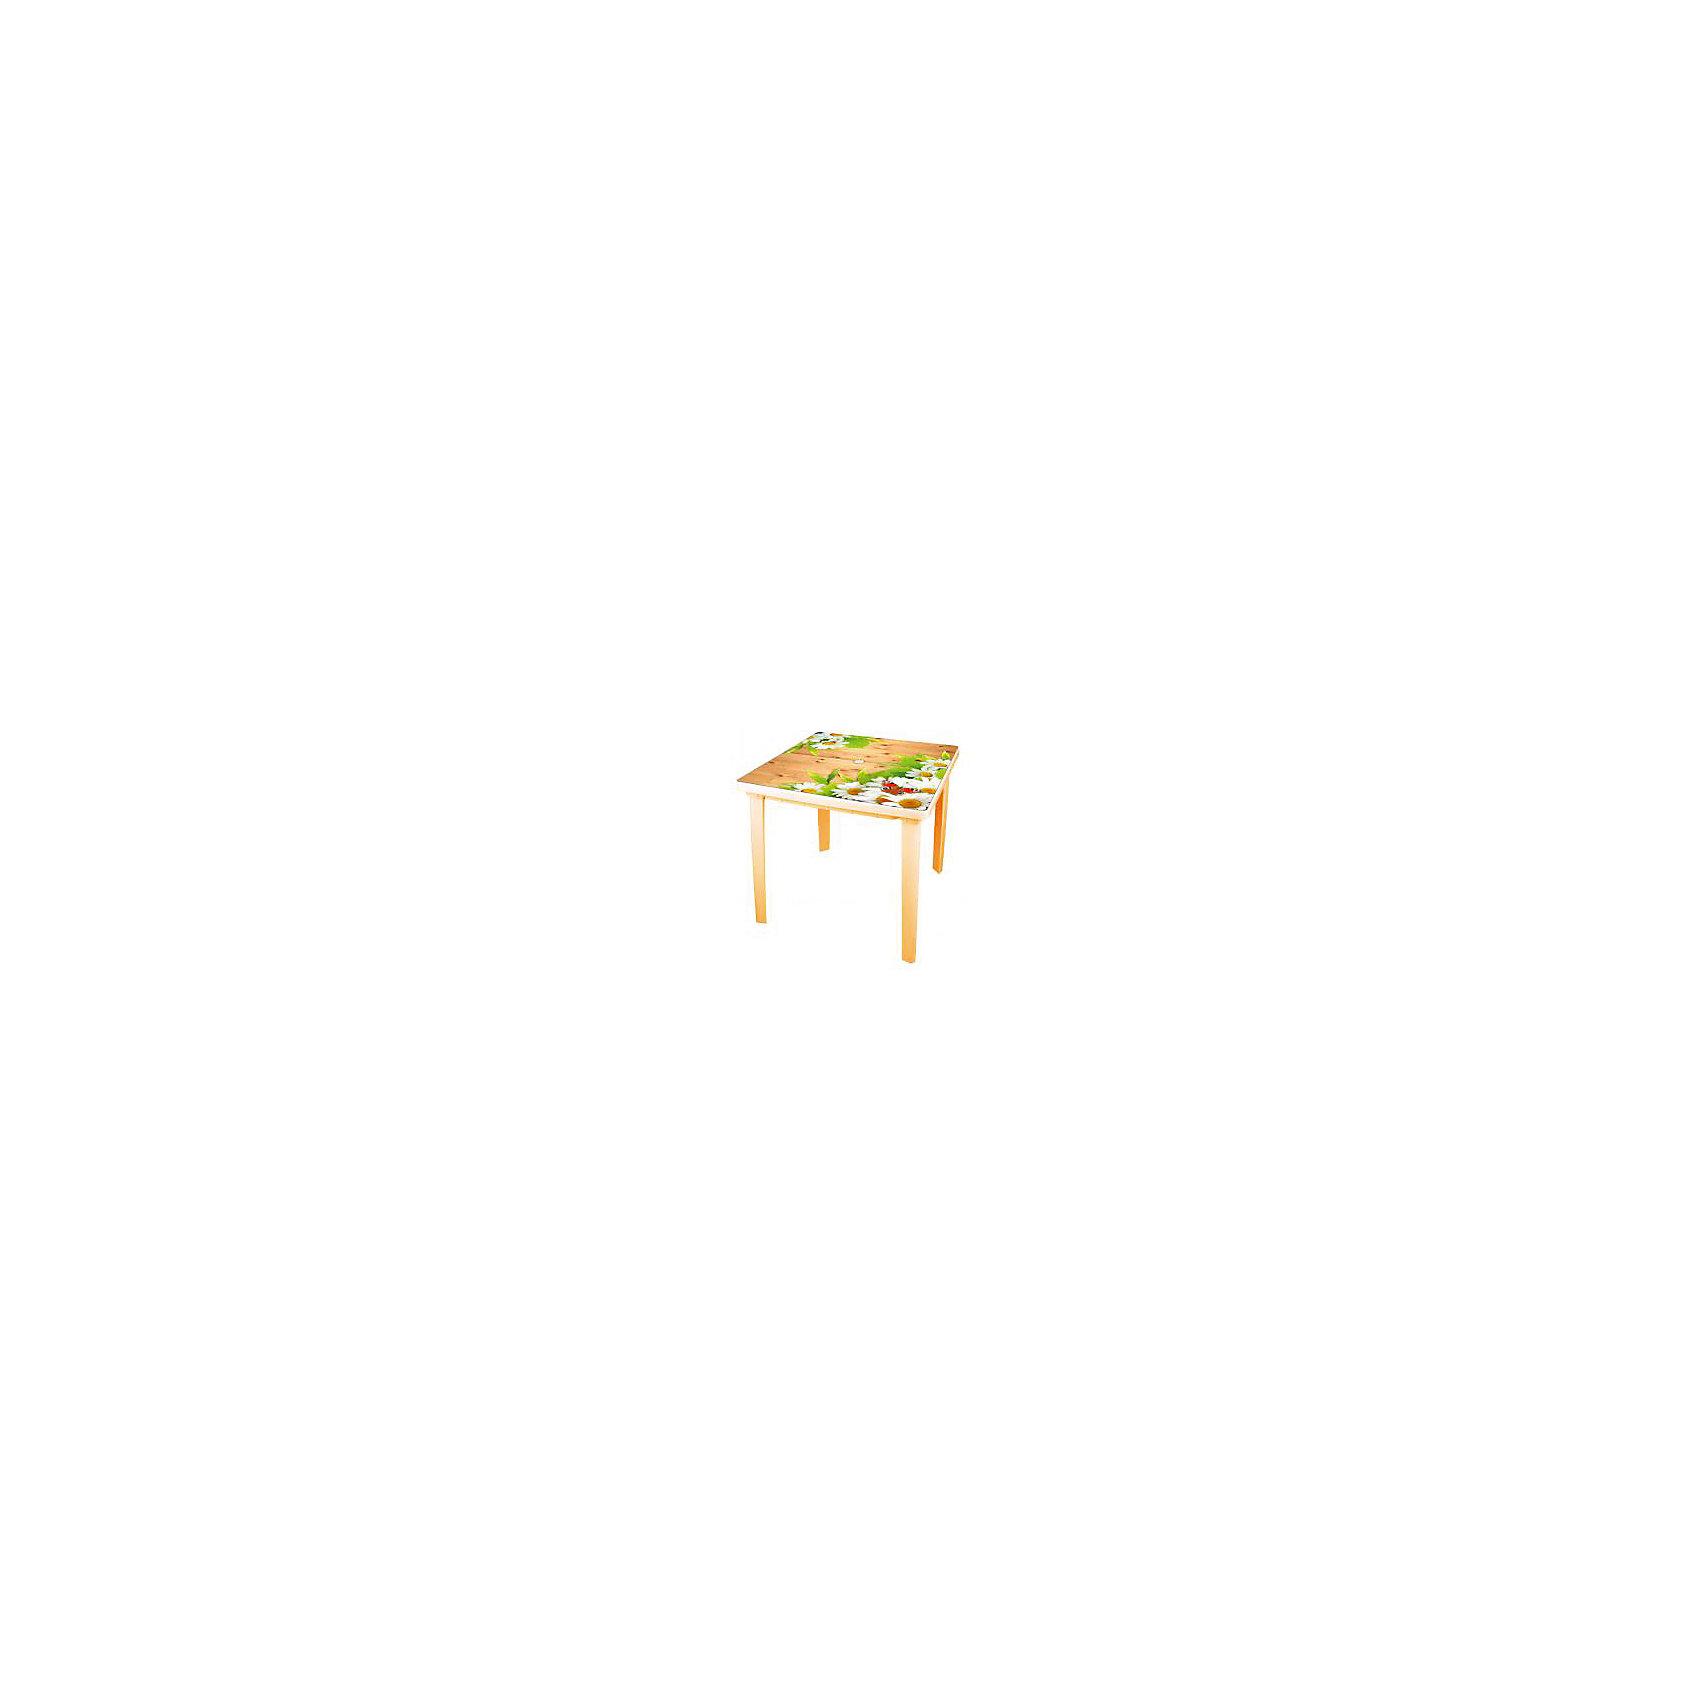 Стол Летний день квадр.800х800х740, Alternativa, бежевыйМебель<br>Стол Летний день квадр.800х800х740, Alternativa (Альтернатива), бежевый<br><br>Характеристики:<br><br>• яркий узор на поверхности<br>• цвет: бежевый<br>• размер: 80х80х74 см<br>• материал: полипропилен<br>• вес: 4,594 кг<br><br>Стол Летний день изготовлен из качественного полипропилена, обладающего высокой прочностью и износостойкостью. На поверхности стола - яркий узор с ромашками и бабочкой. Этот рисунок прекрасно оживит интерьер любого помещения. Стол устойчив и легко моется. <br><br>Стол Летний день квадр.800х800х740, Alternativa (Альтернатива), бежевый можно купить в нашем интернет-магазине.<br><br>Ширина мм: 800<br>Глубина мм: 800<br>Высота мм: 740<br>Вес г: 4594<br>Возраст от месяцев: 216<br>Возраст до месяцев: 1188<br>Пол: Унисекс<br>Возраст: Детский<br>SKU: 5475670